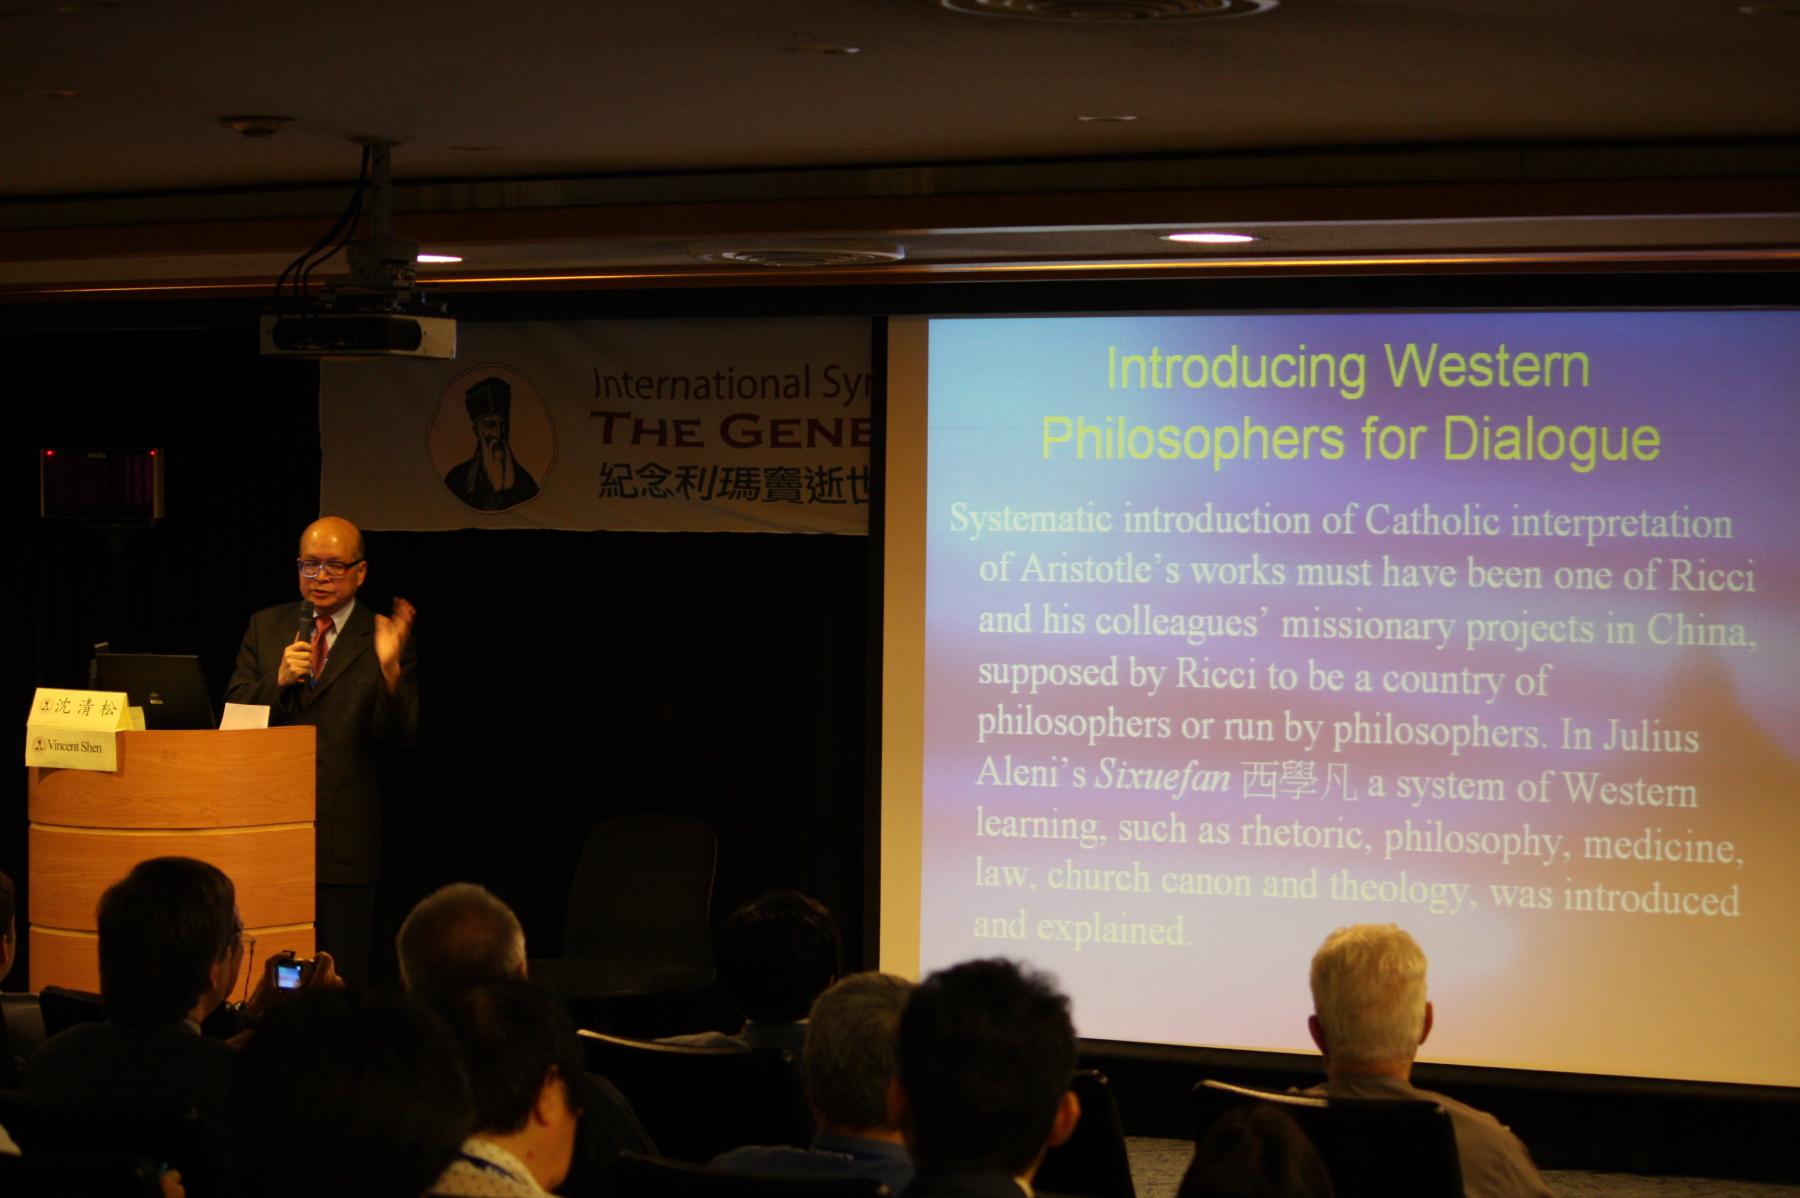 201004紀念利瑪竇逝世四百週年國際學術研討會-39